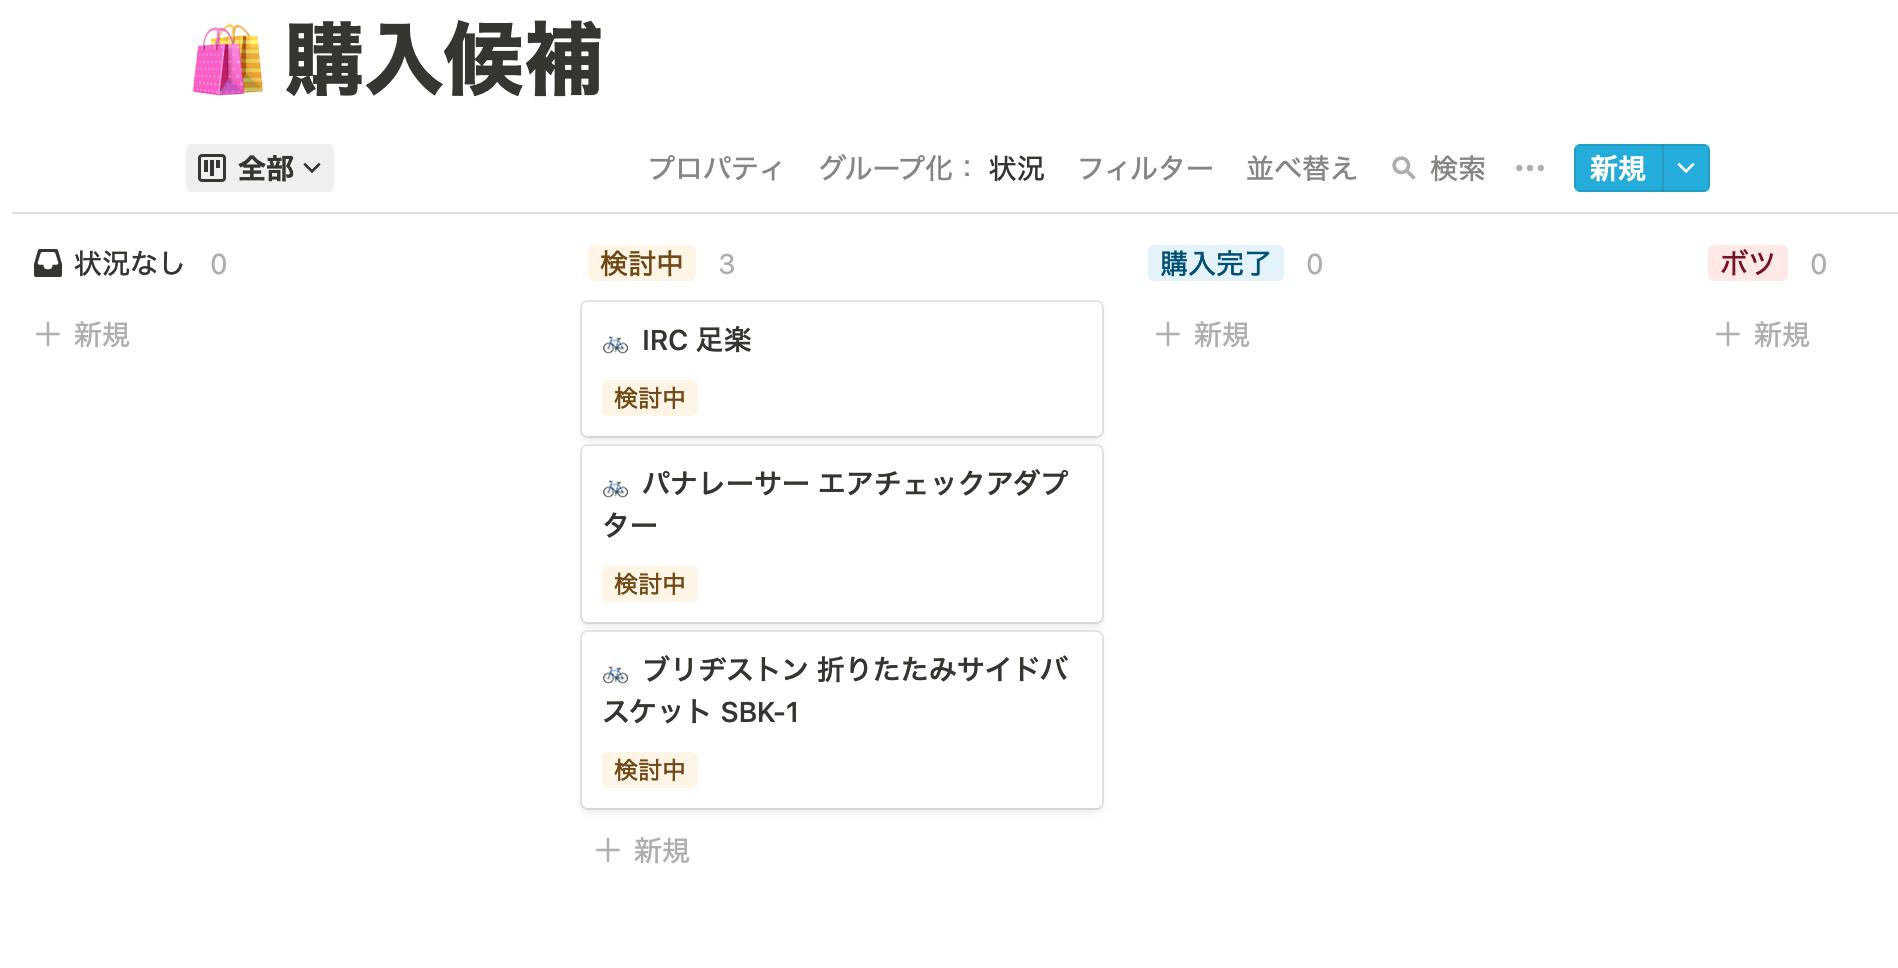 f:id:aokashi:20211013214239p:plain